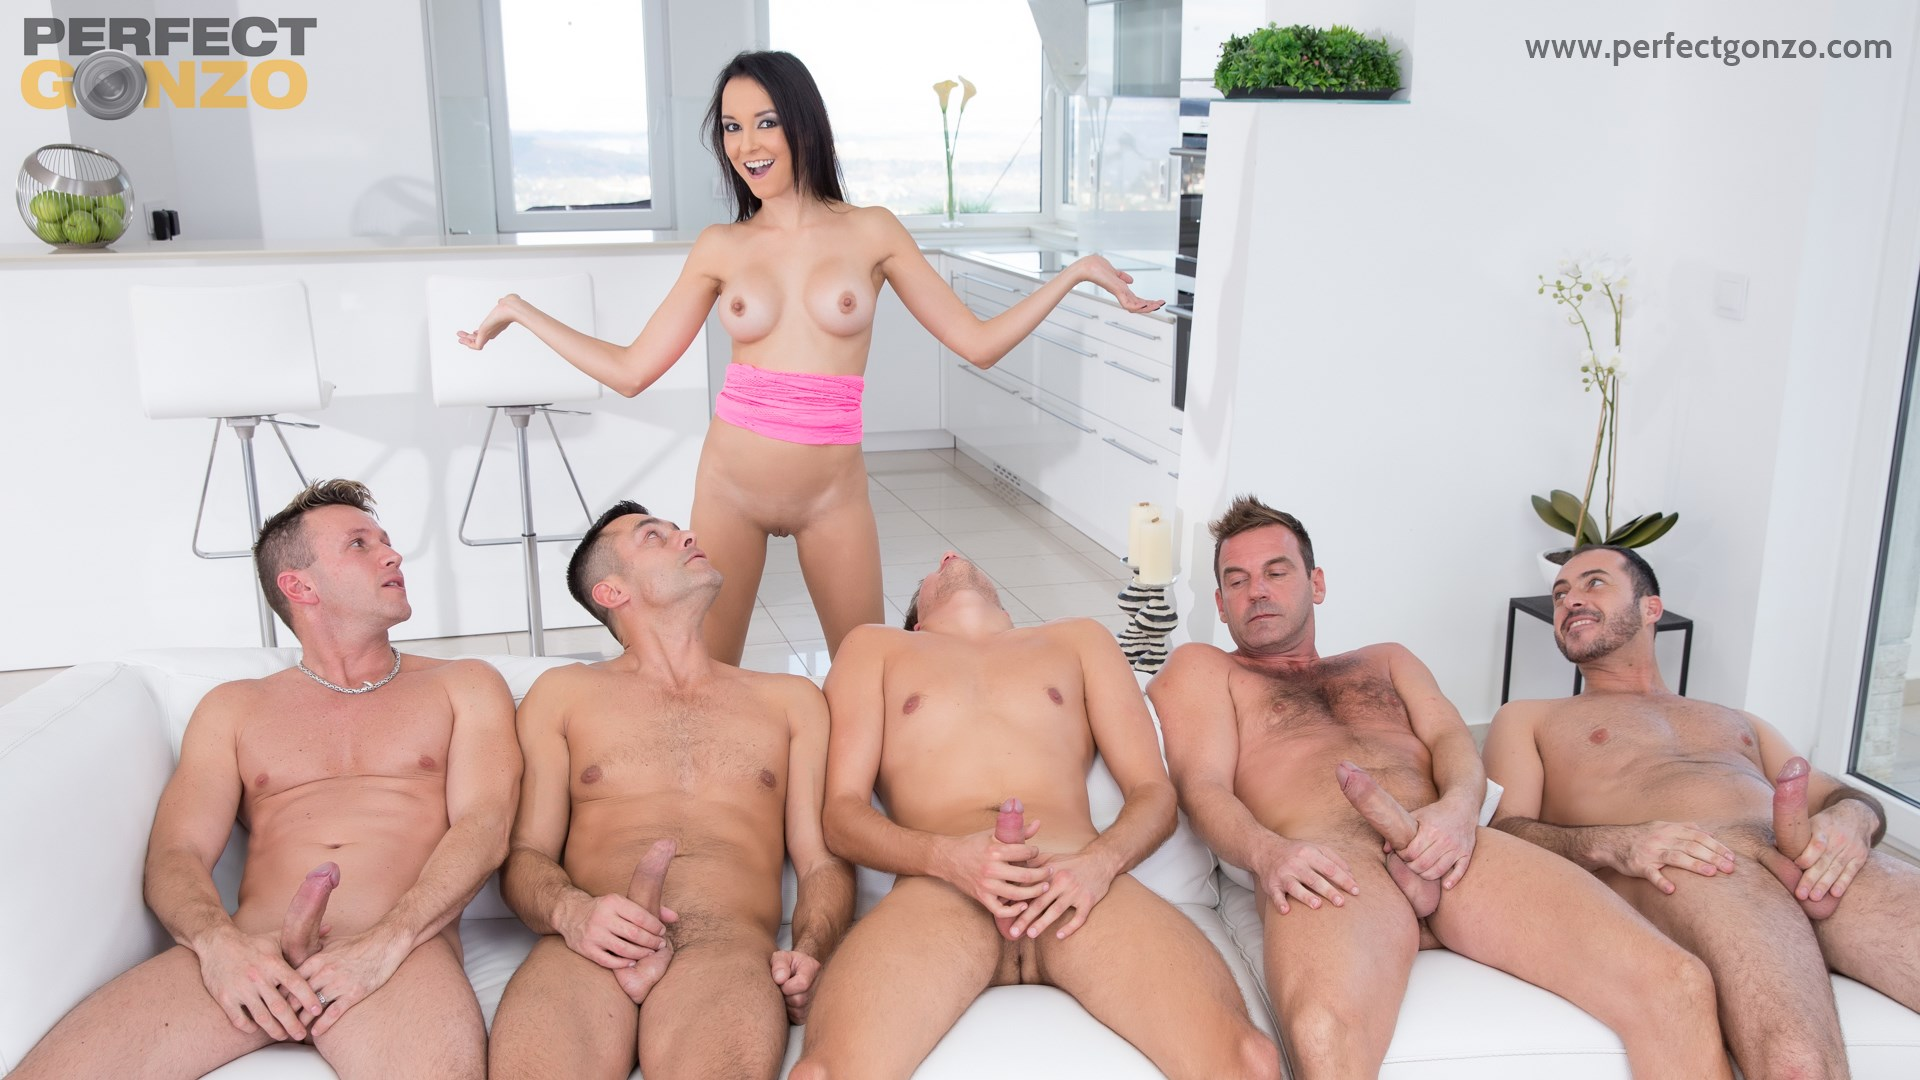 Порно с несколькими парнями, пьяная подружка ебу